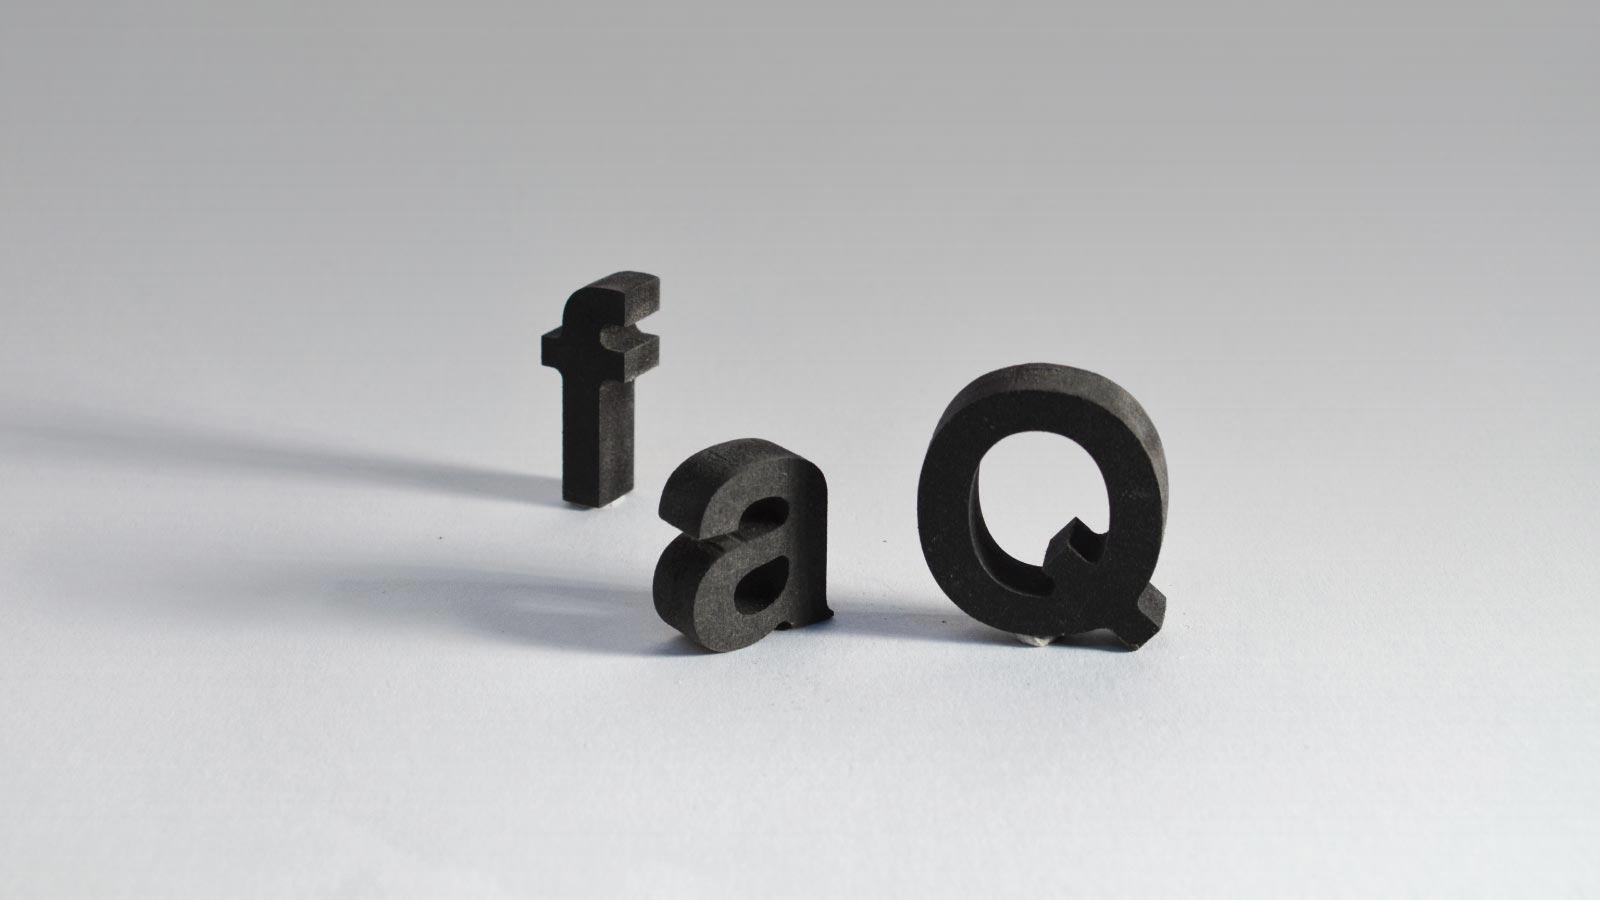 Schwarzes Mdf 10mm stärke schwarze mdf buchstaben 3d holzbuchstaben